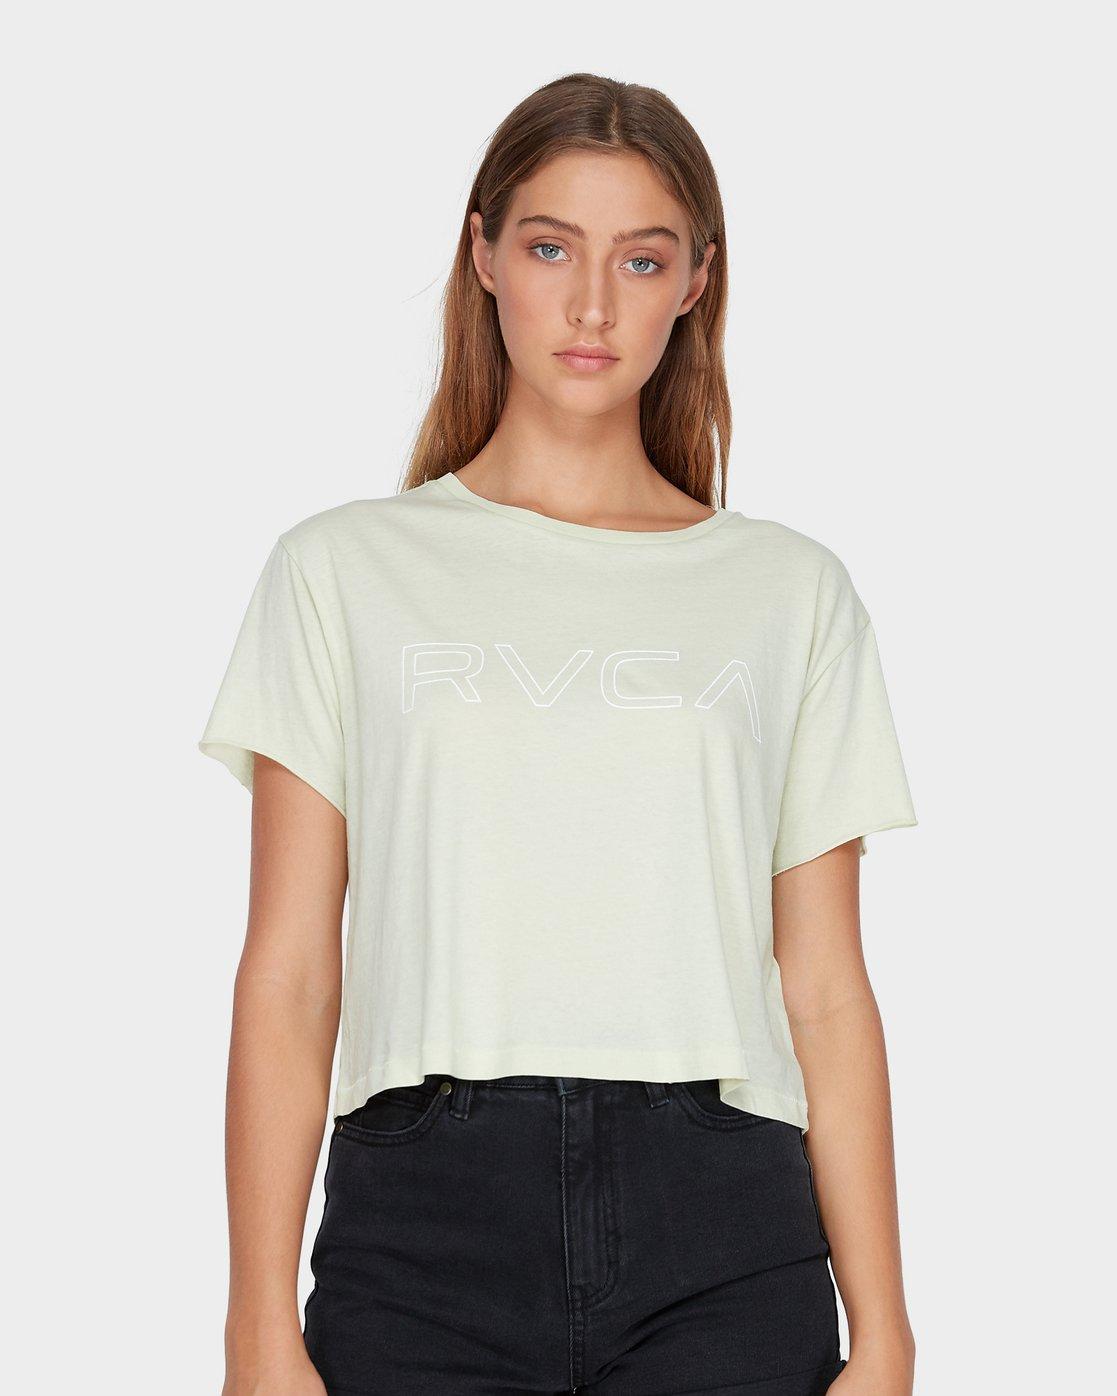 0 Keyline RVCA T-Shirt  R271685 RVCA